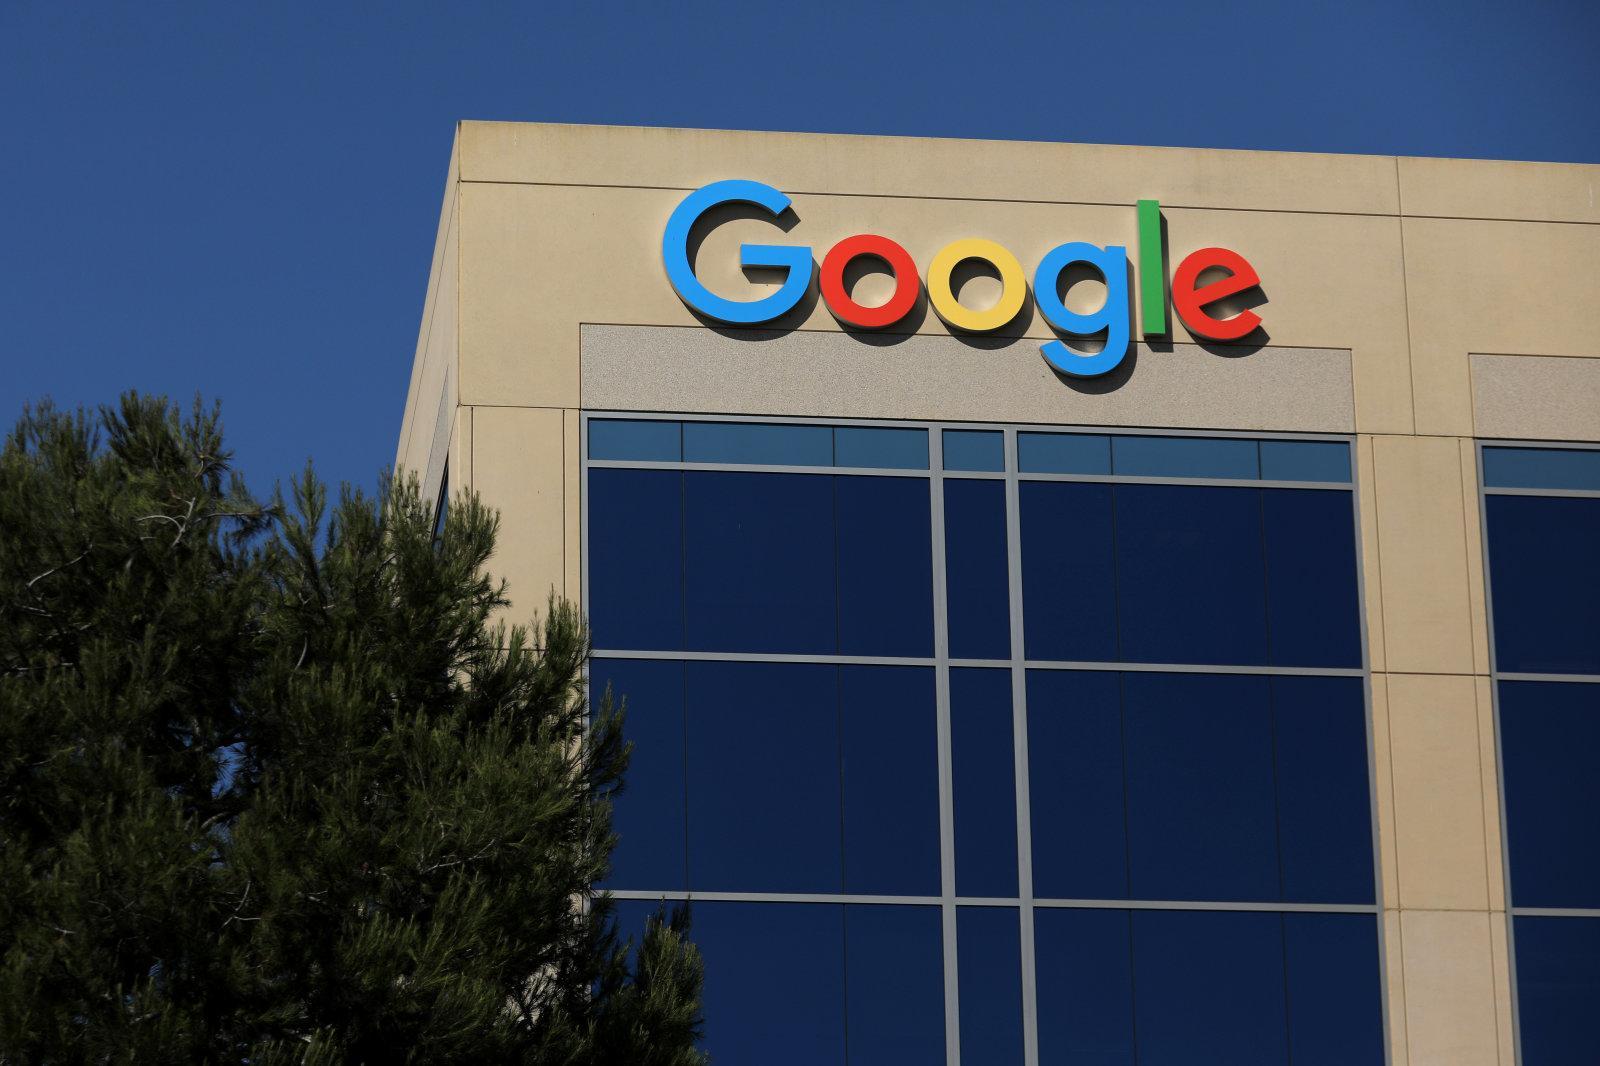 谷歌垄断澳大利亚市场,赚了钱却一毛不拔,敢反对它就禁止服务